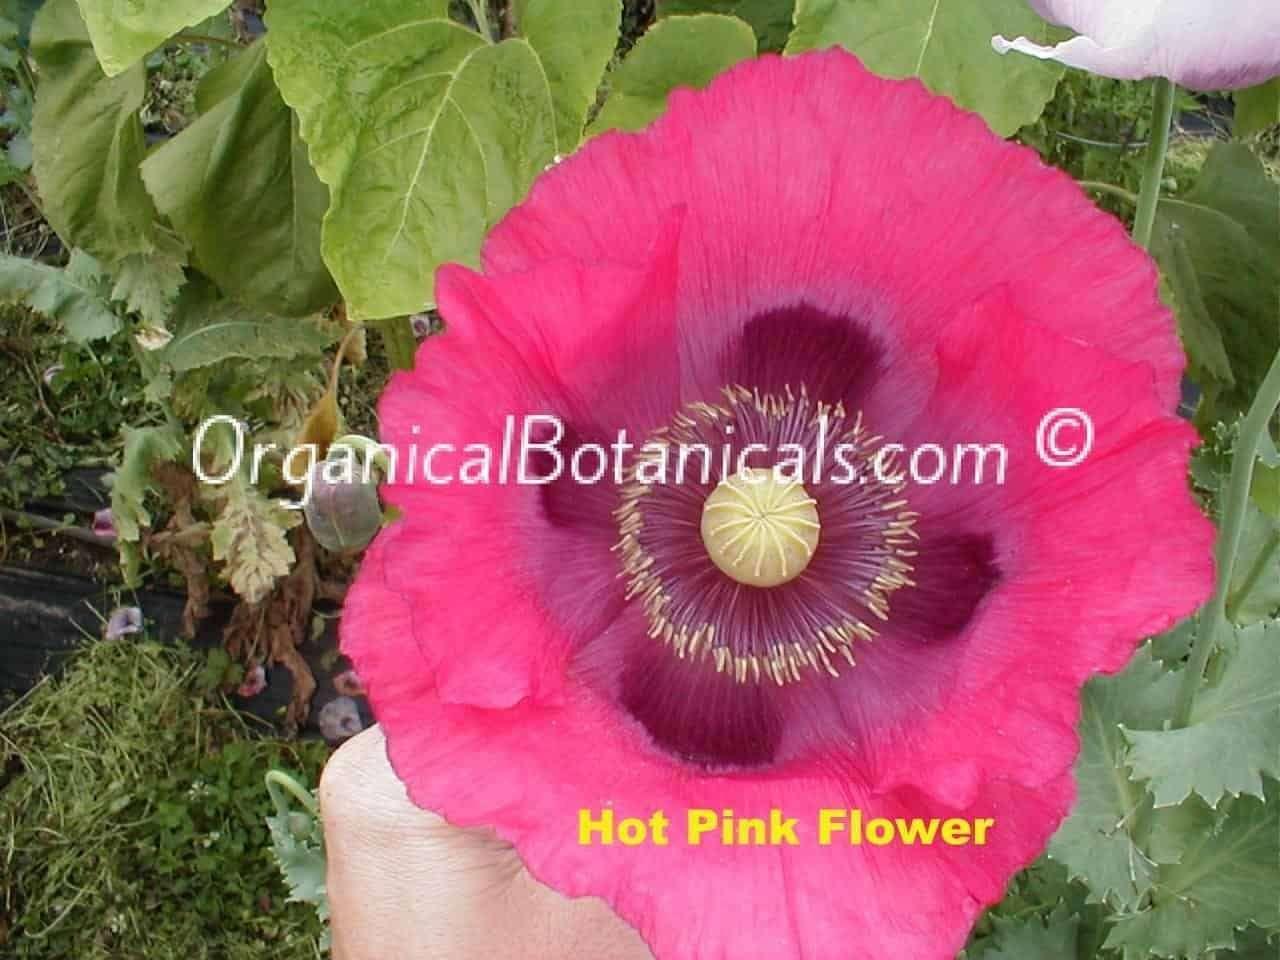 'Neon Hot Pink' Papaver Somniferum Poppy Flower